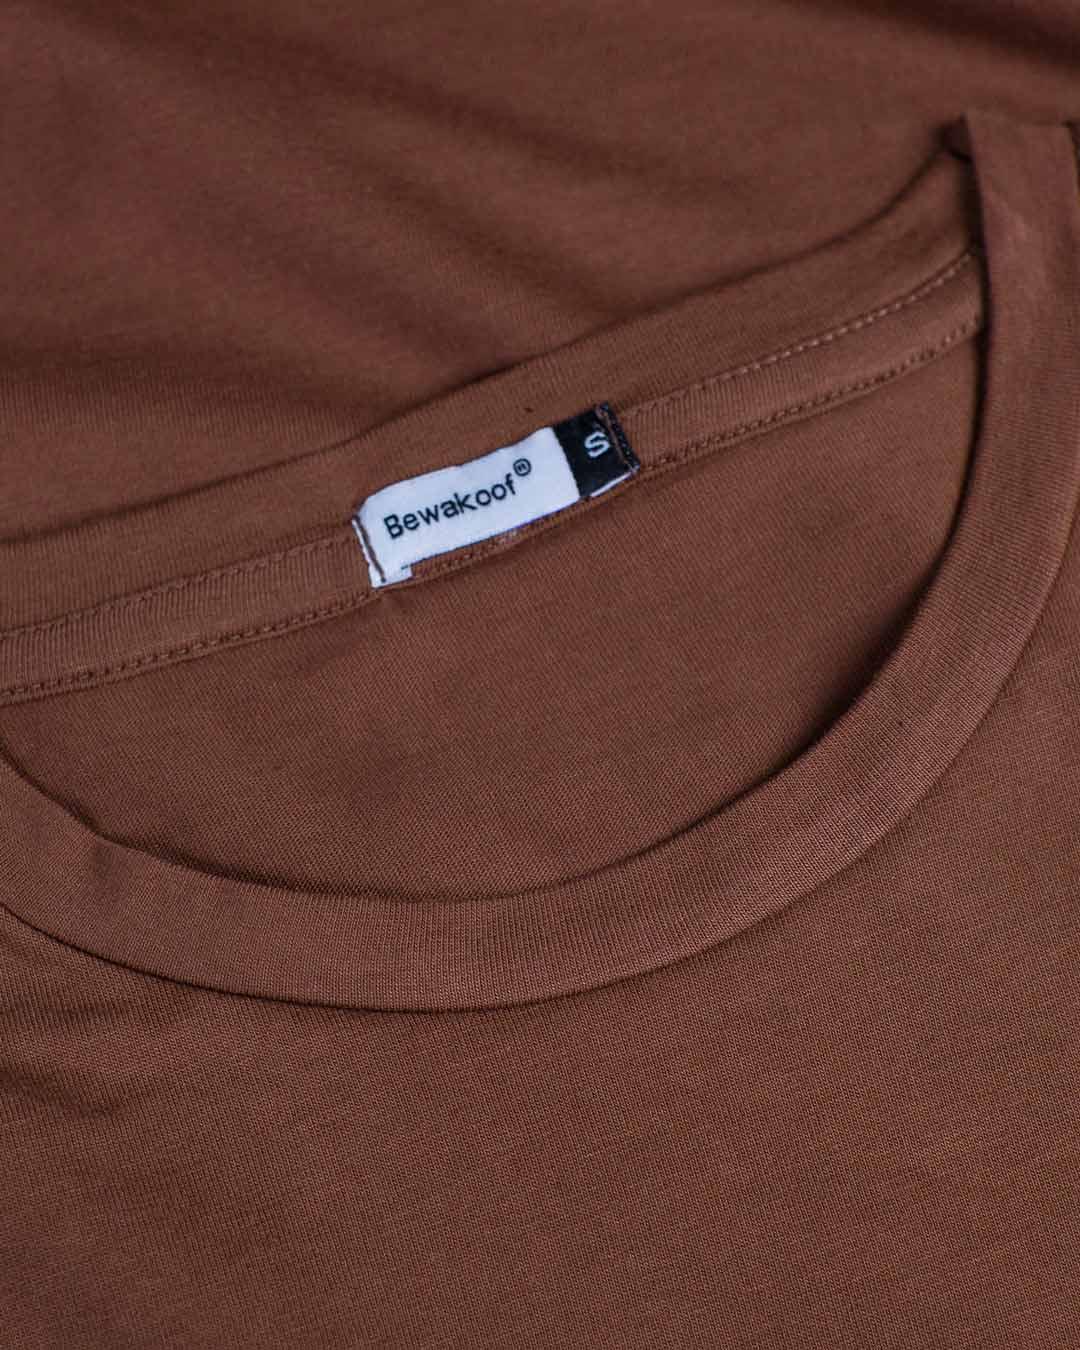 a4885ffe859 Mocha Brown Basic T-Shirt Dress - Plain Womens Basic T-Shirt Dress  Best  Price India - Bewakoof.com